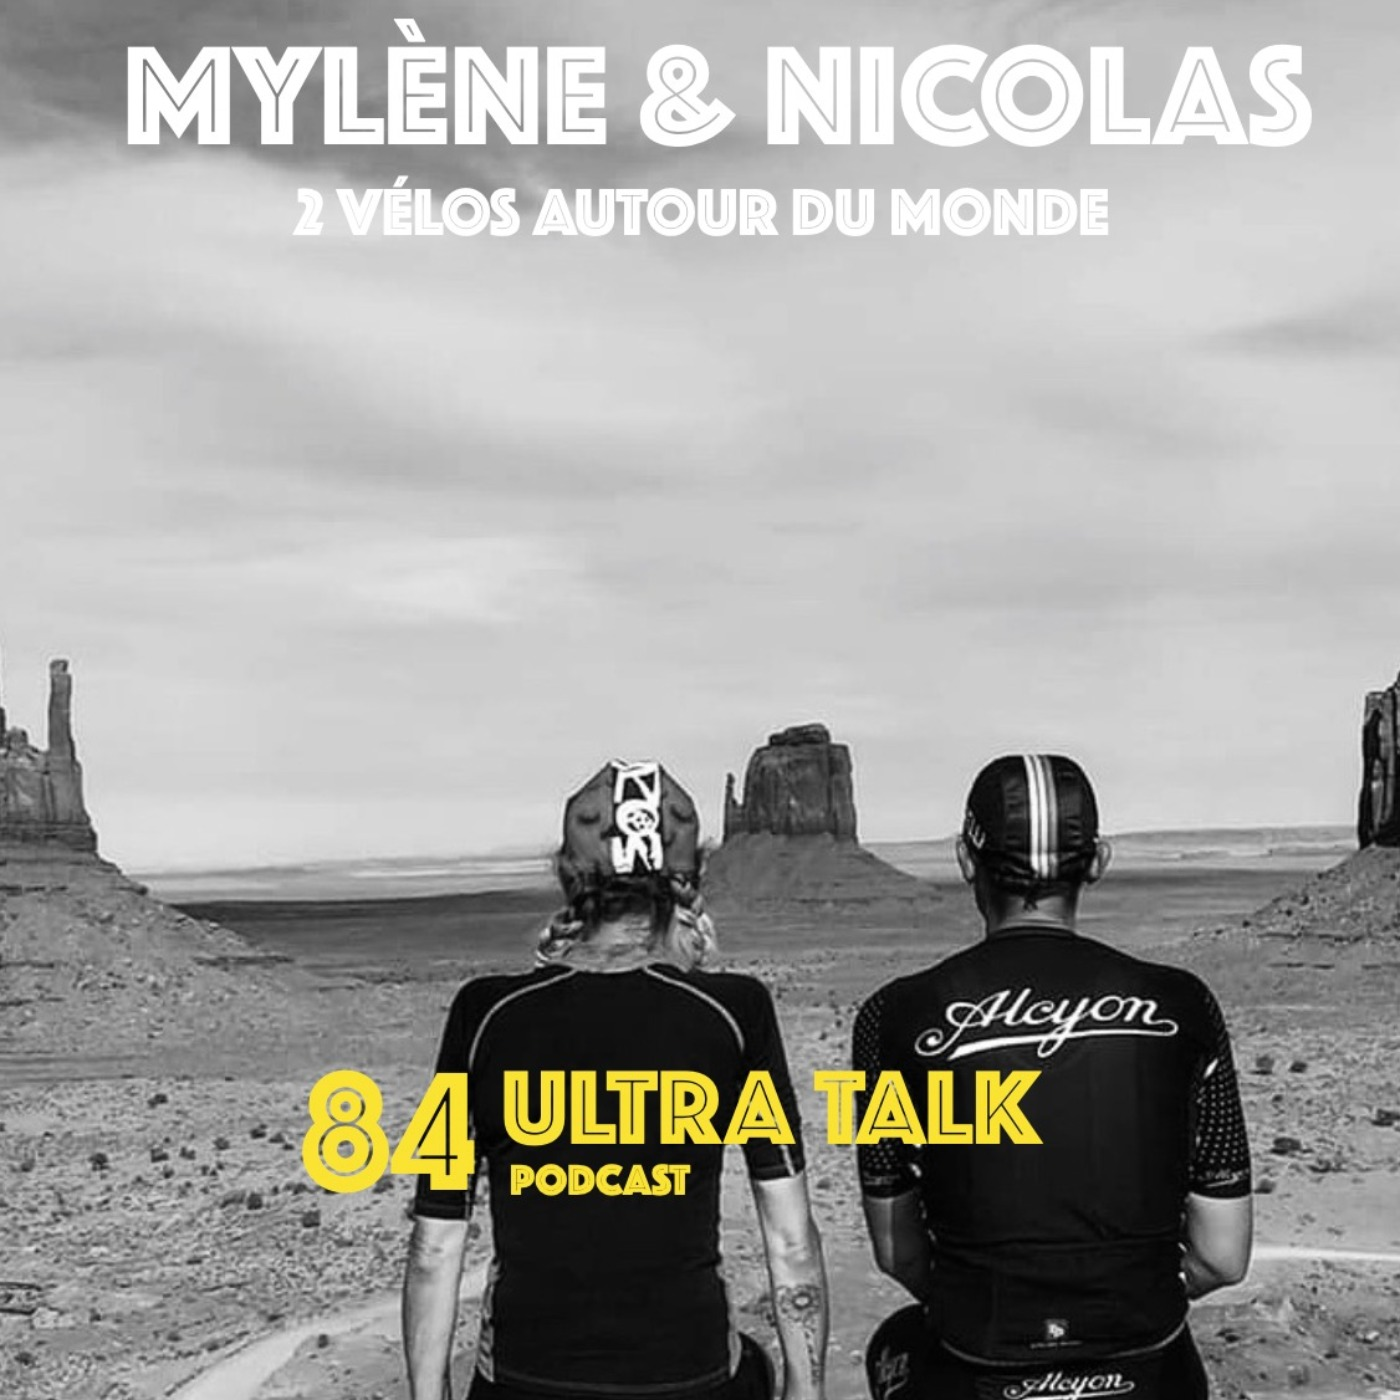 Mylène et Nicolas - Tout plaquer pour un tour du monde !